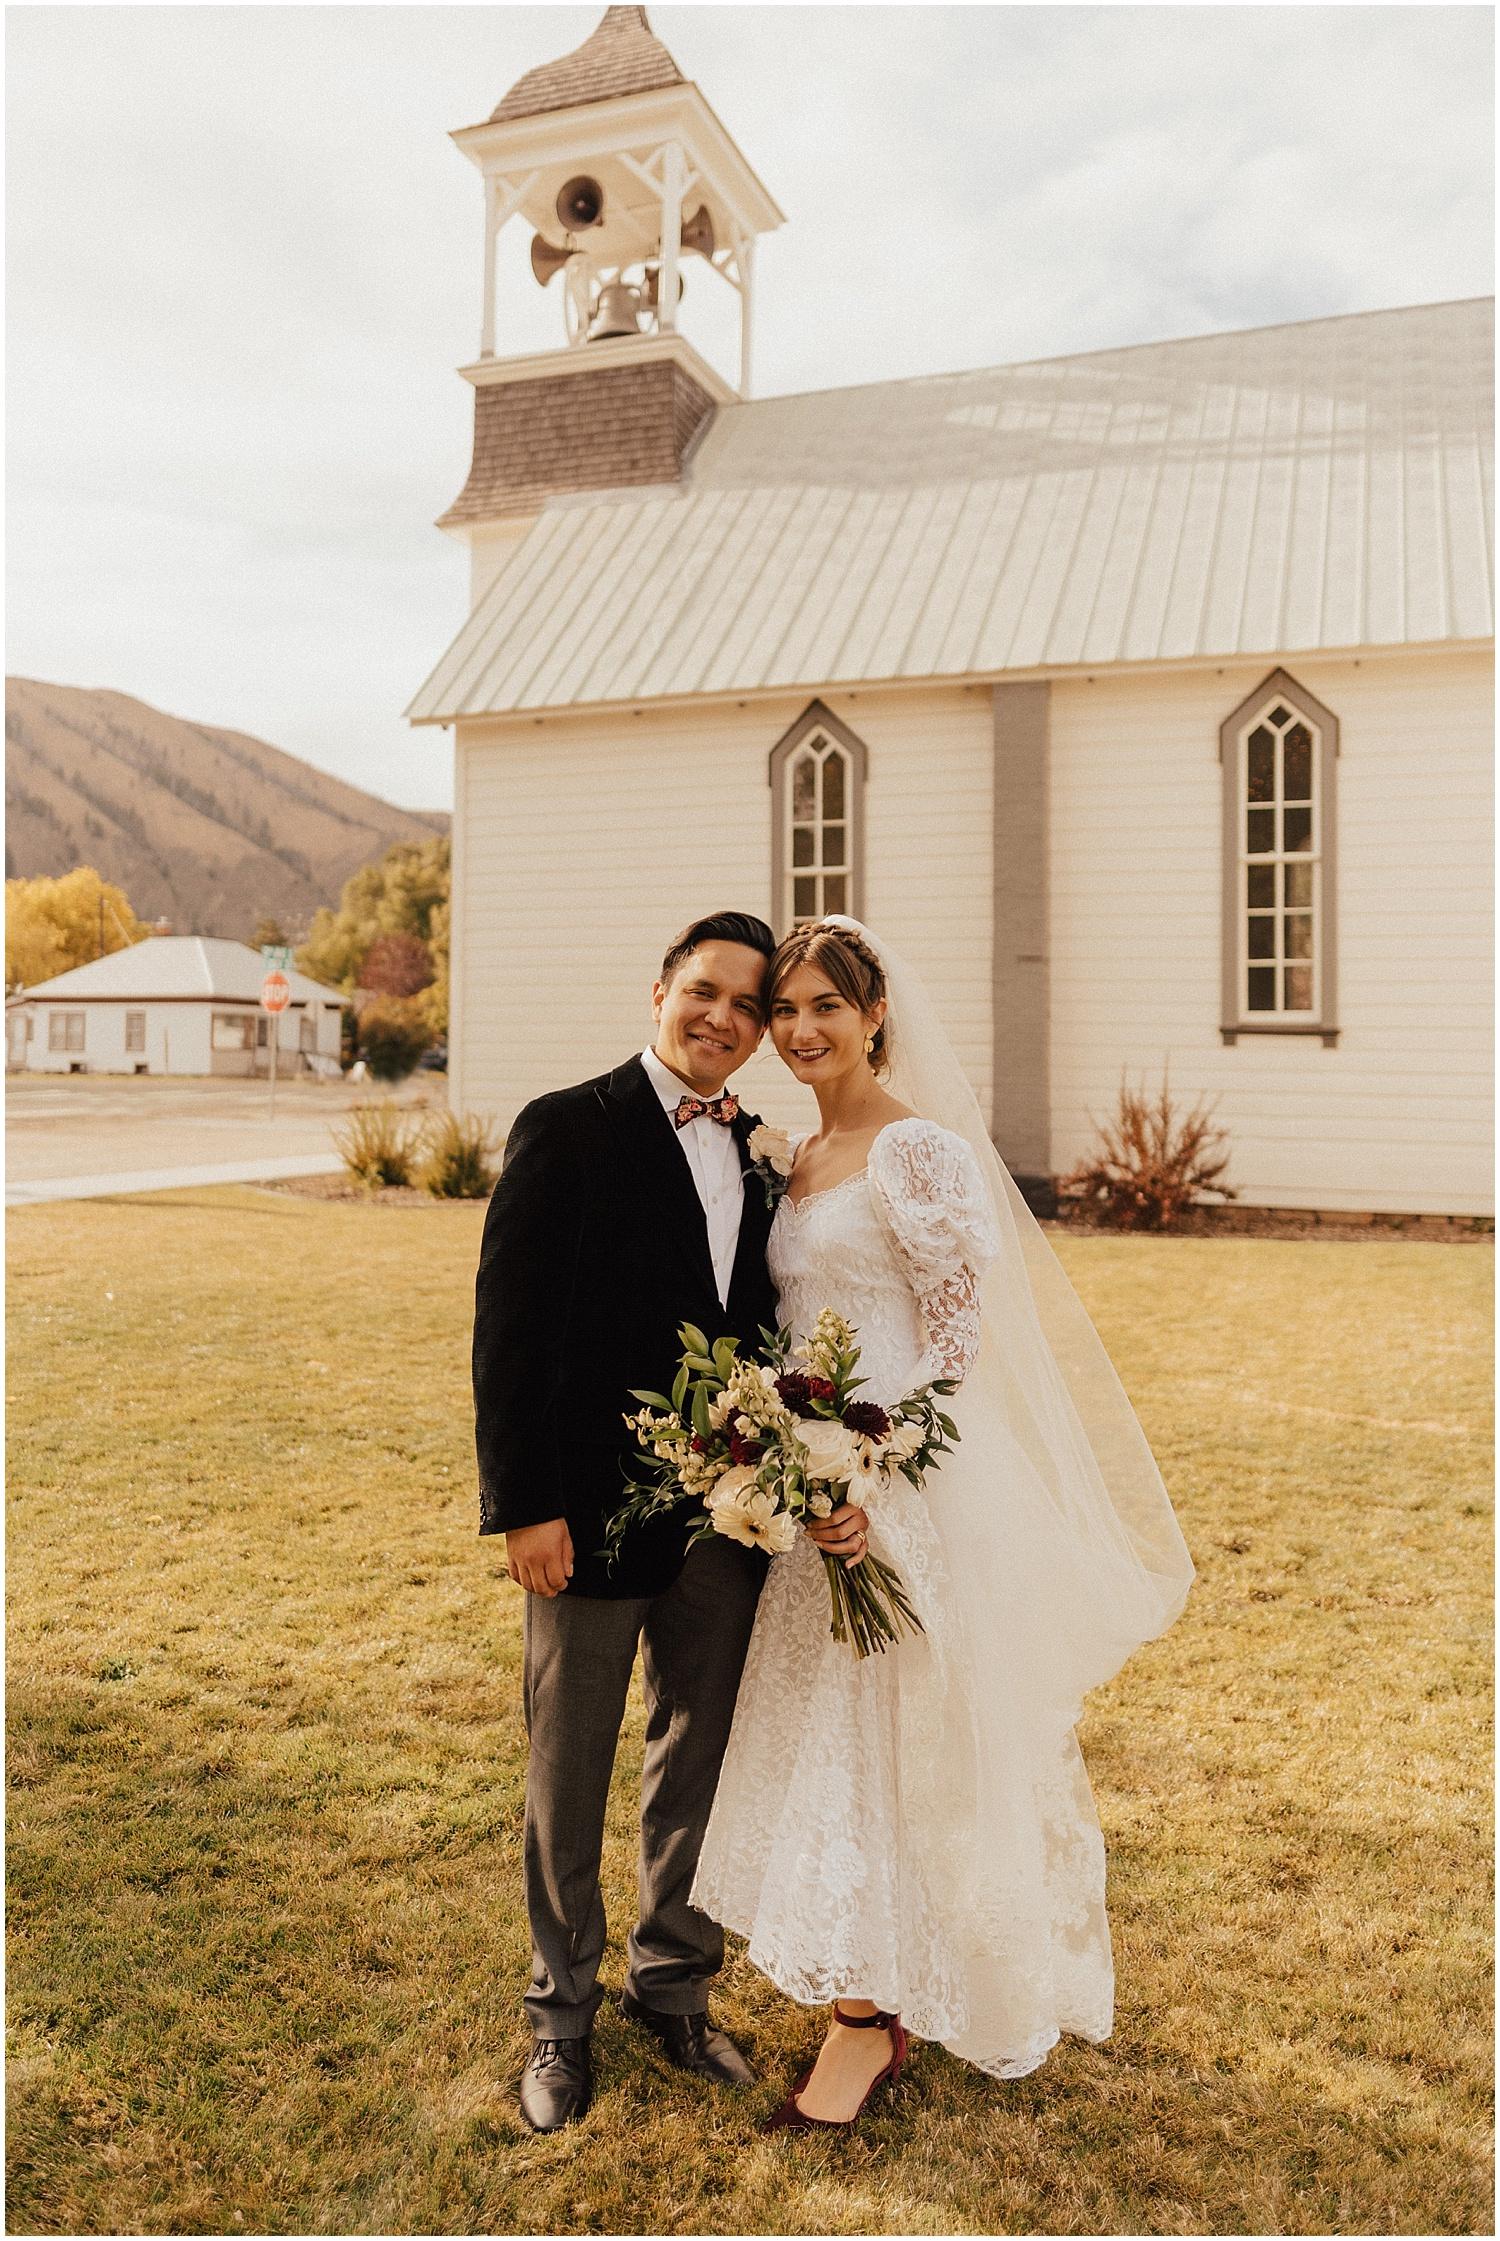 church-wedding-industrial-reception-sunvalley-idaho76.jpg